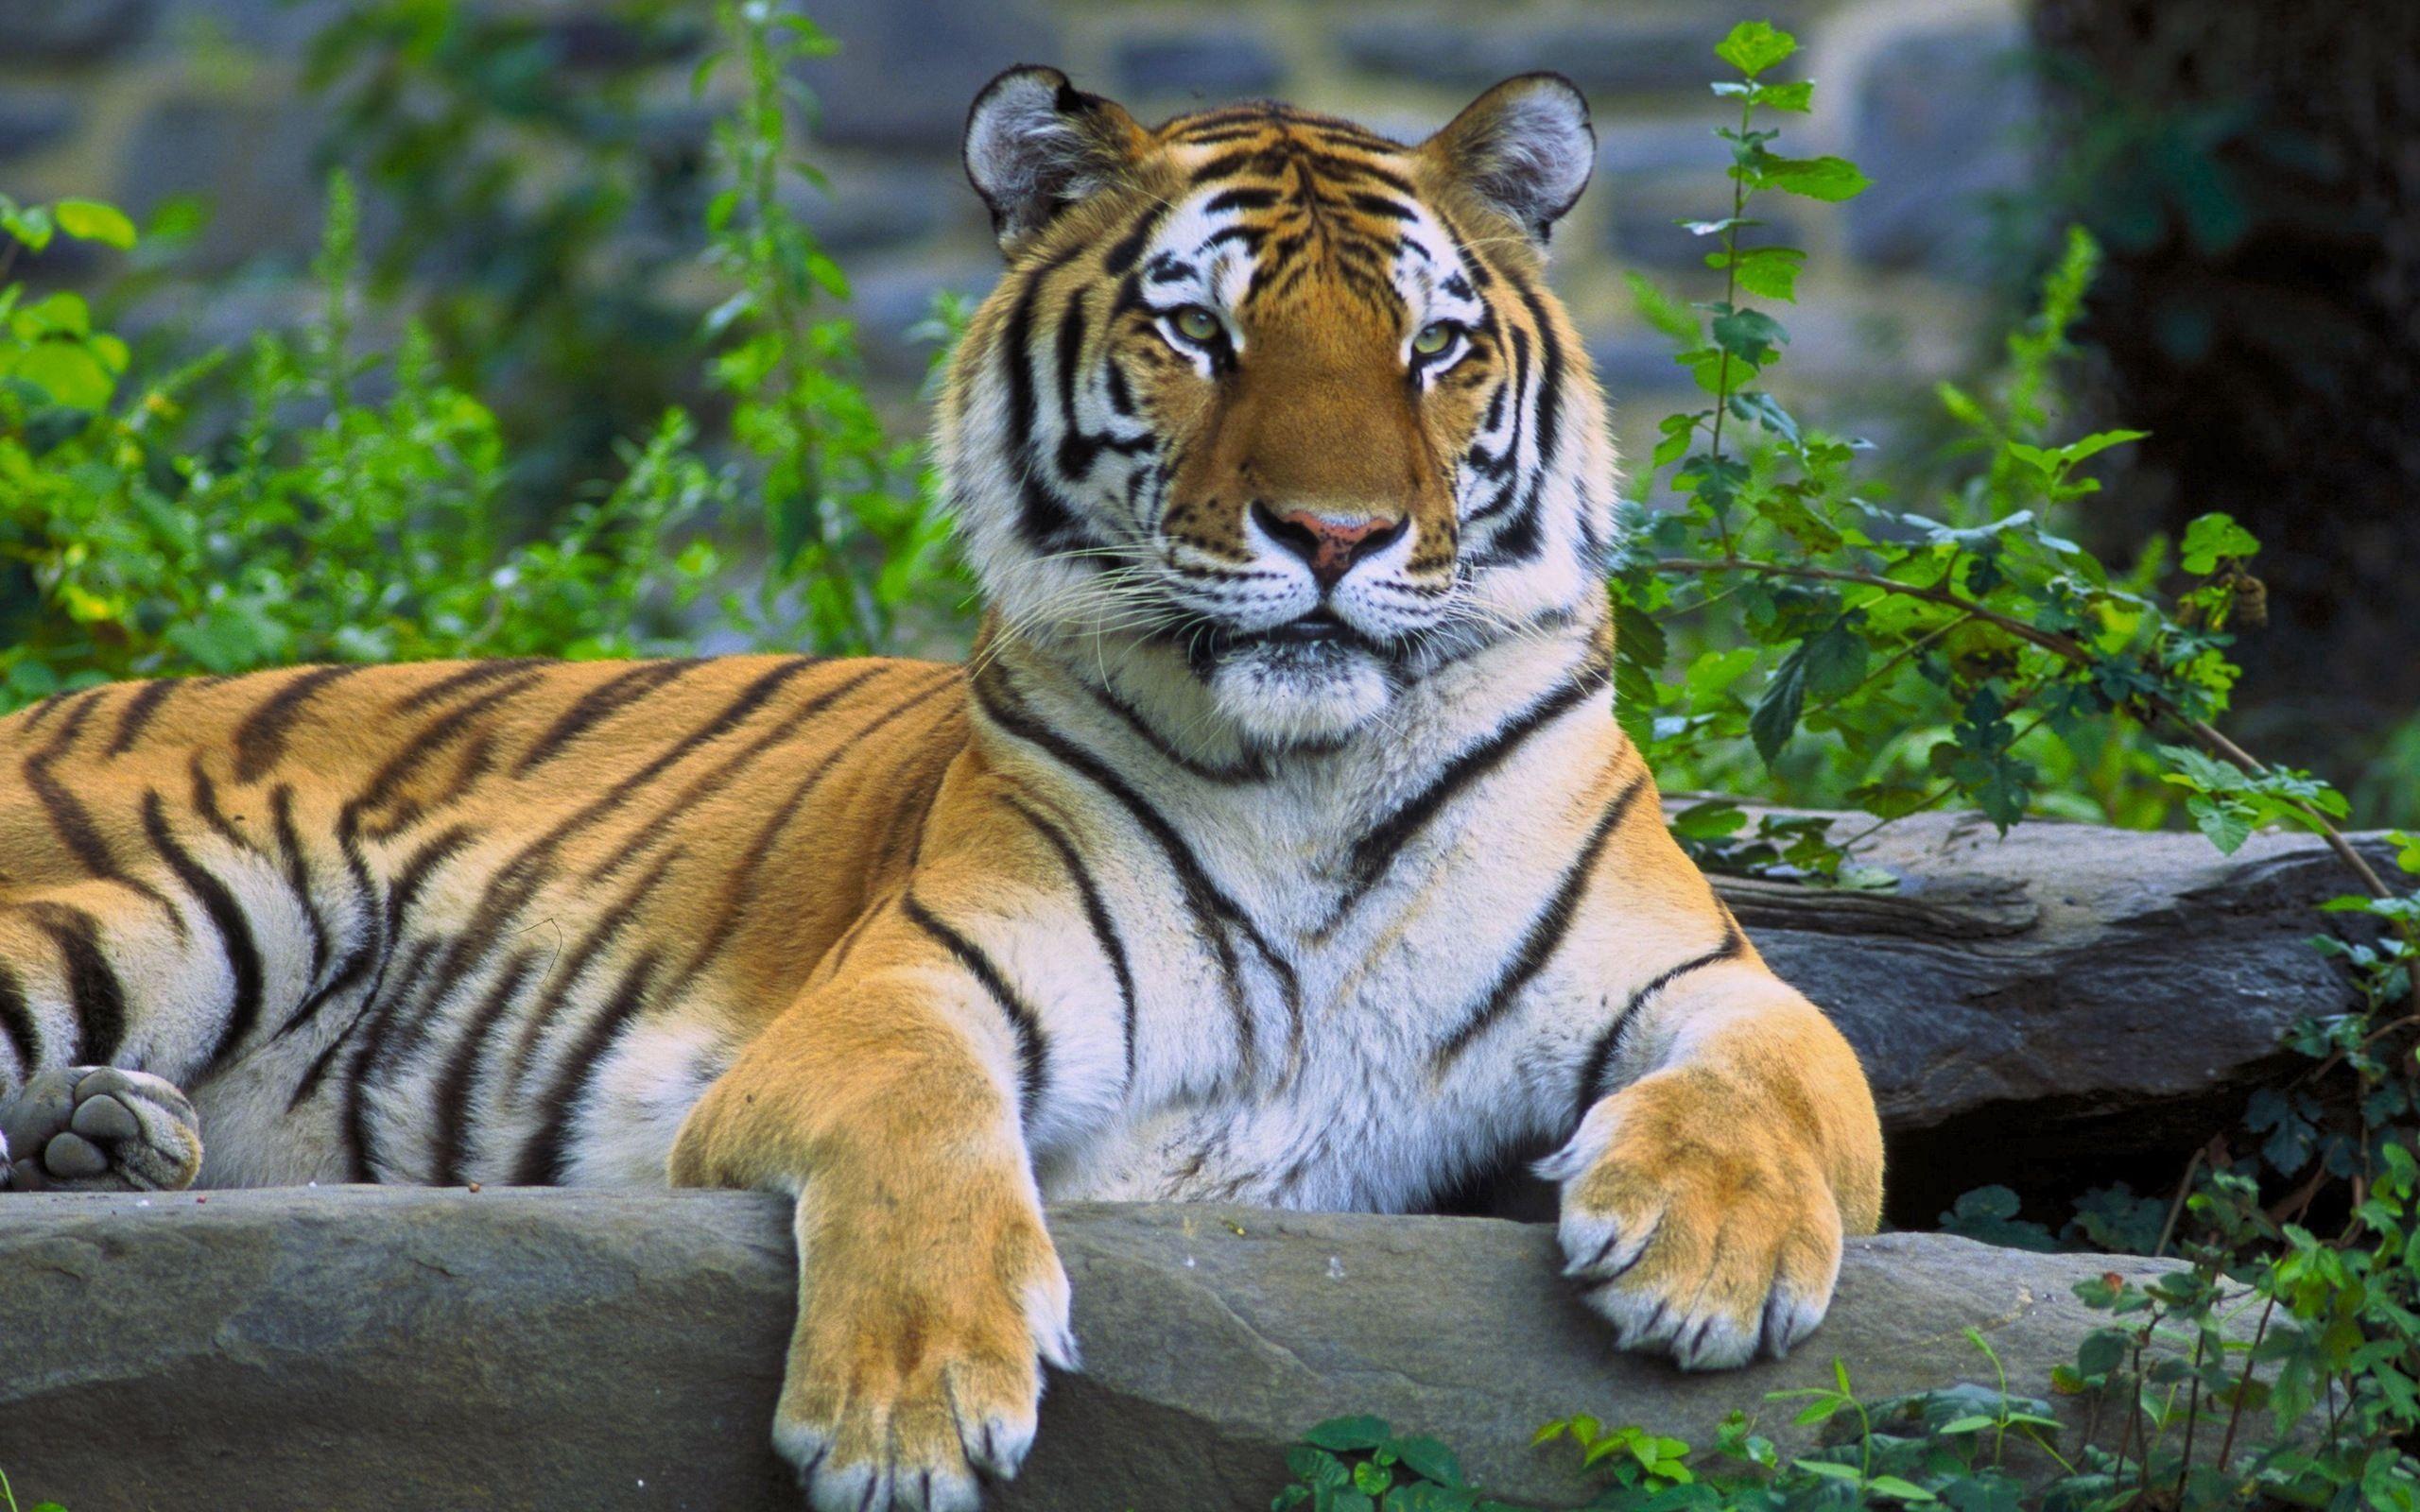 102561 скачать обои Животные, Тигр, Лежать, Трава, Хищник, Камень - заставки и картинки бесплатно